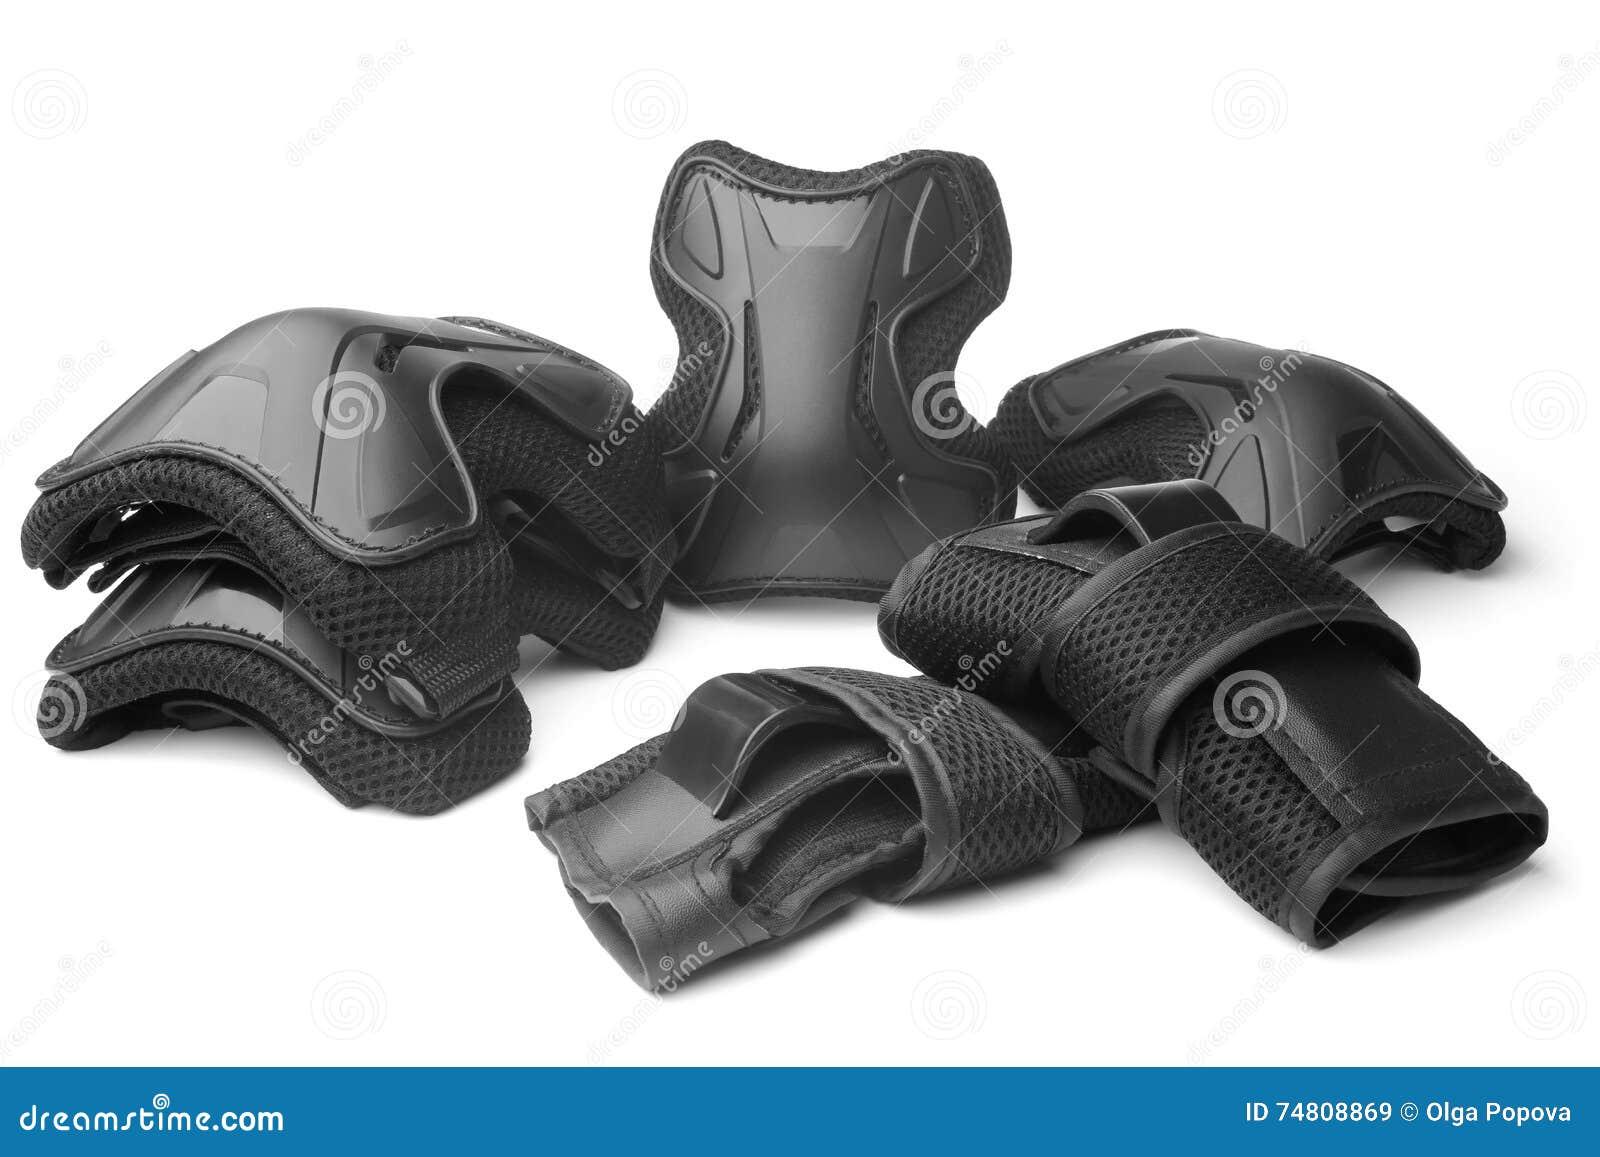 Ingranaggio protettivo per il multi sport